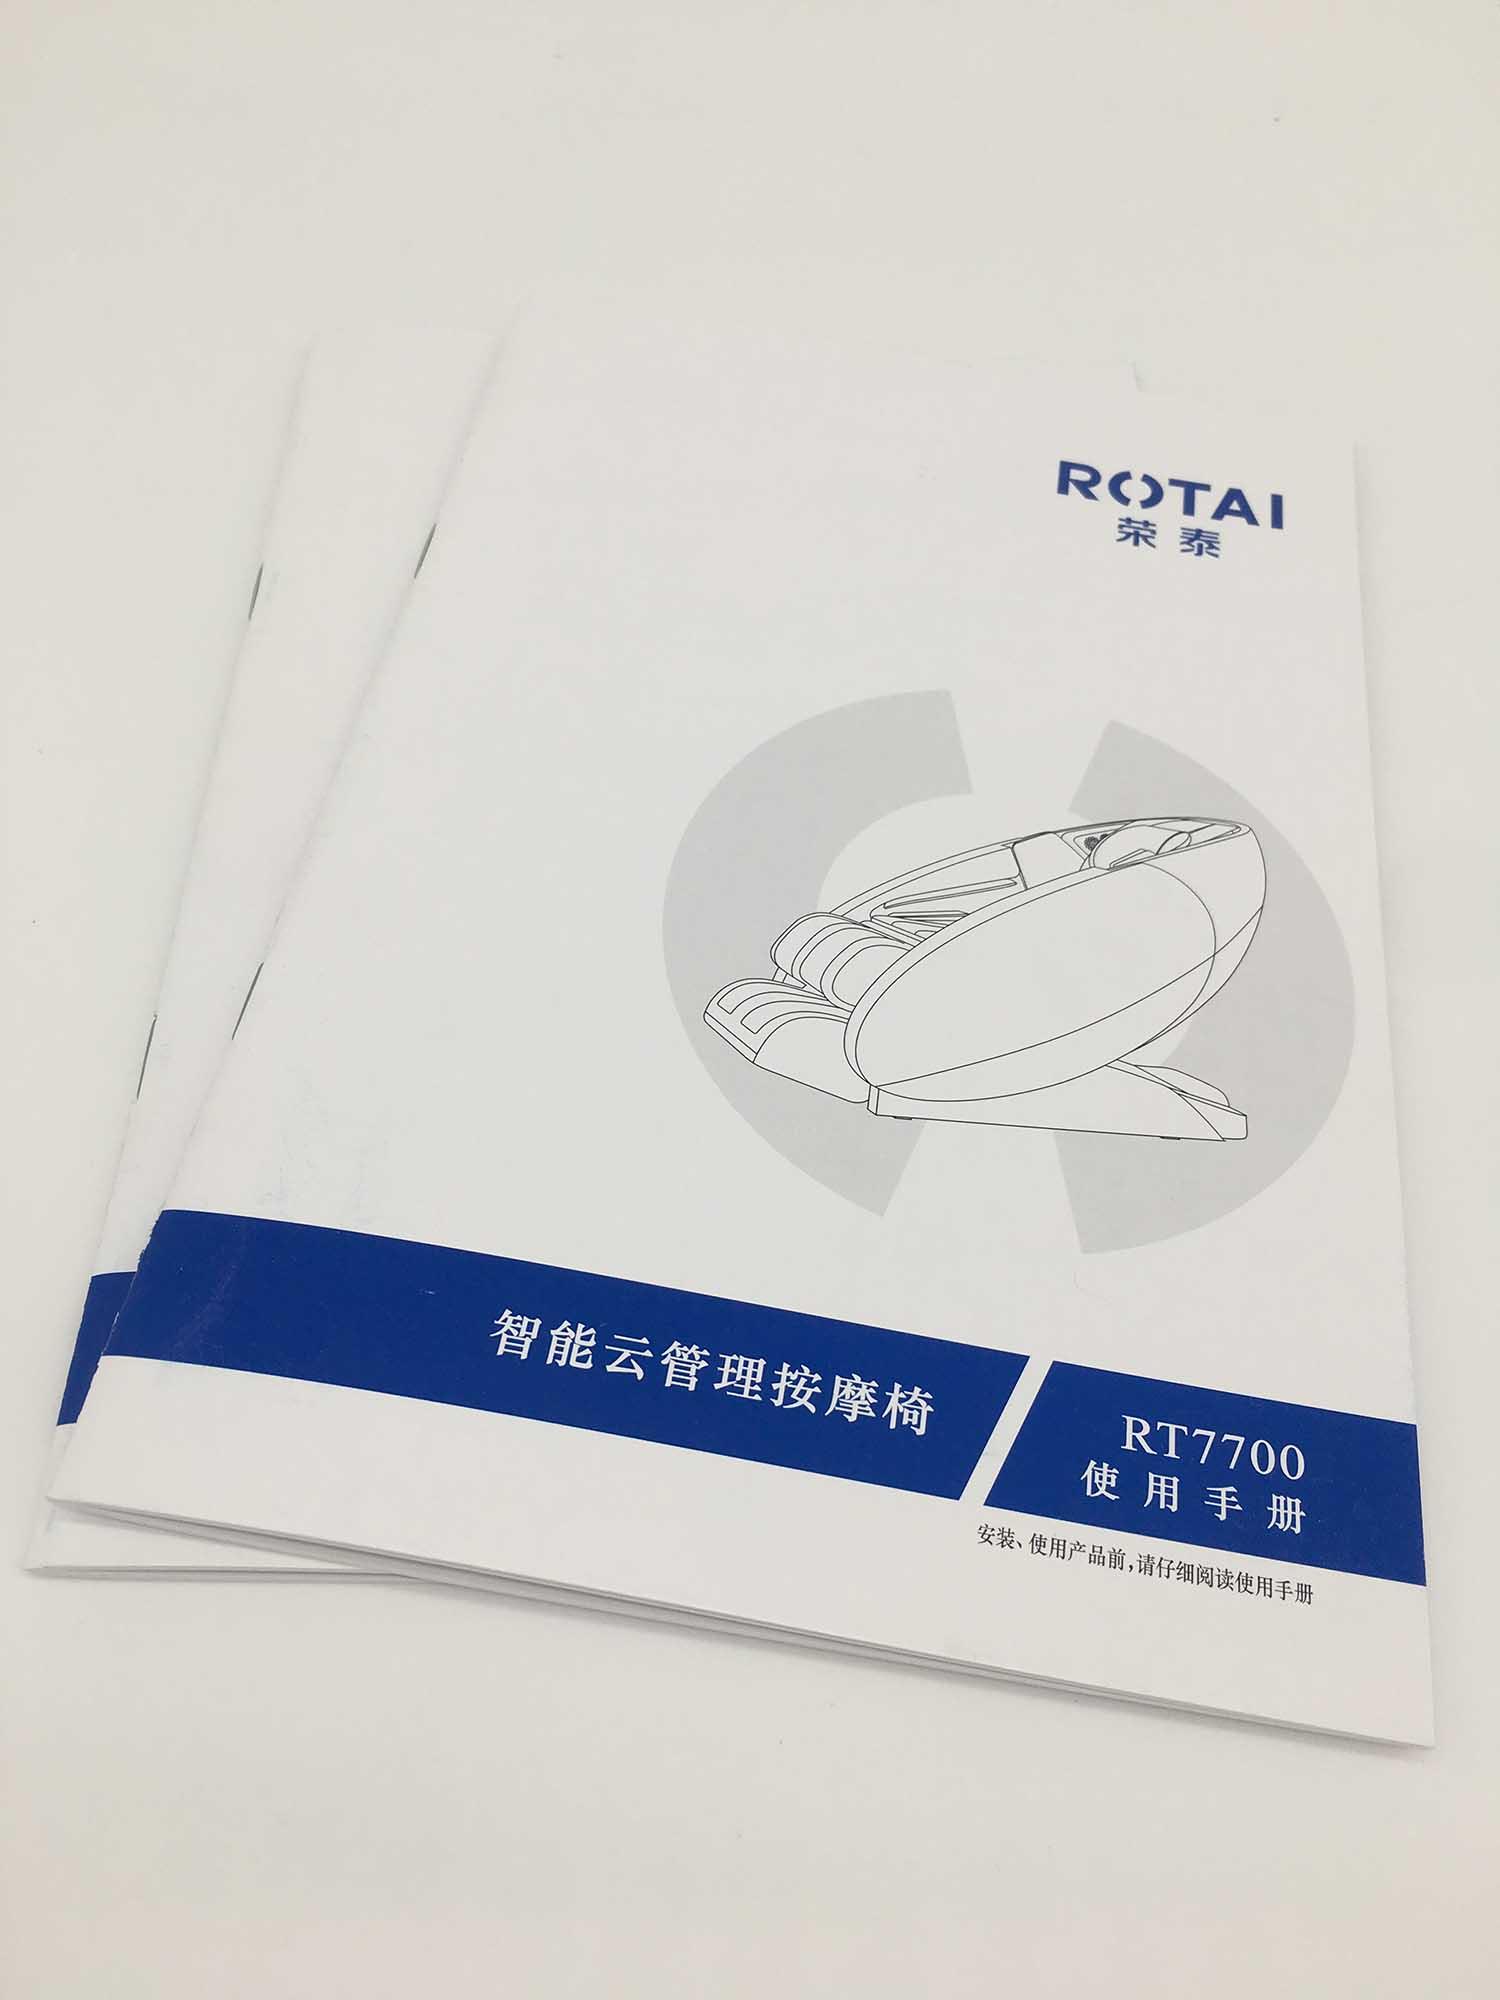 翁牛特旗企业宣传册印刷设计